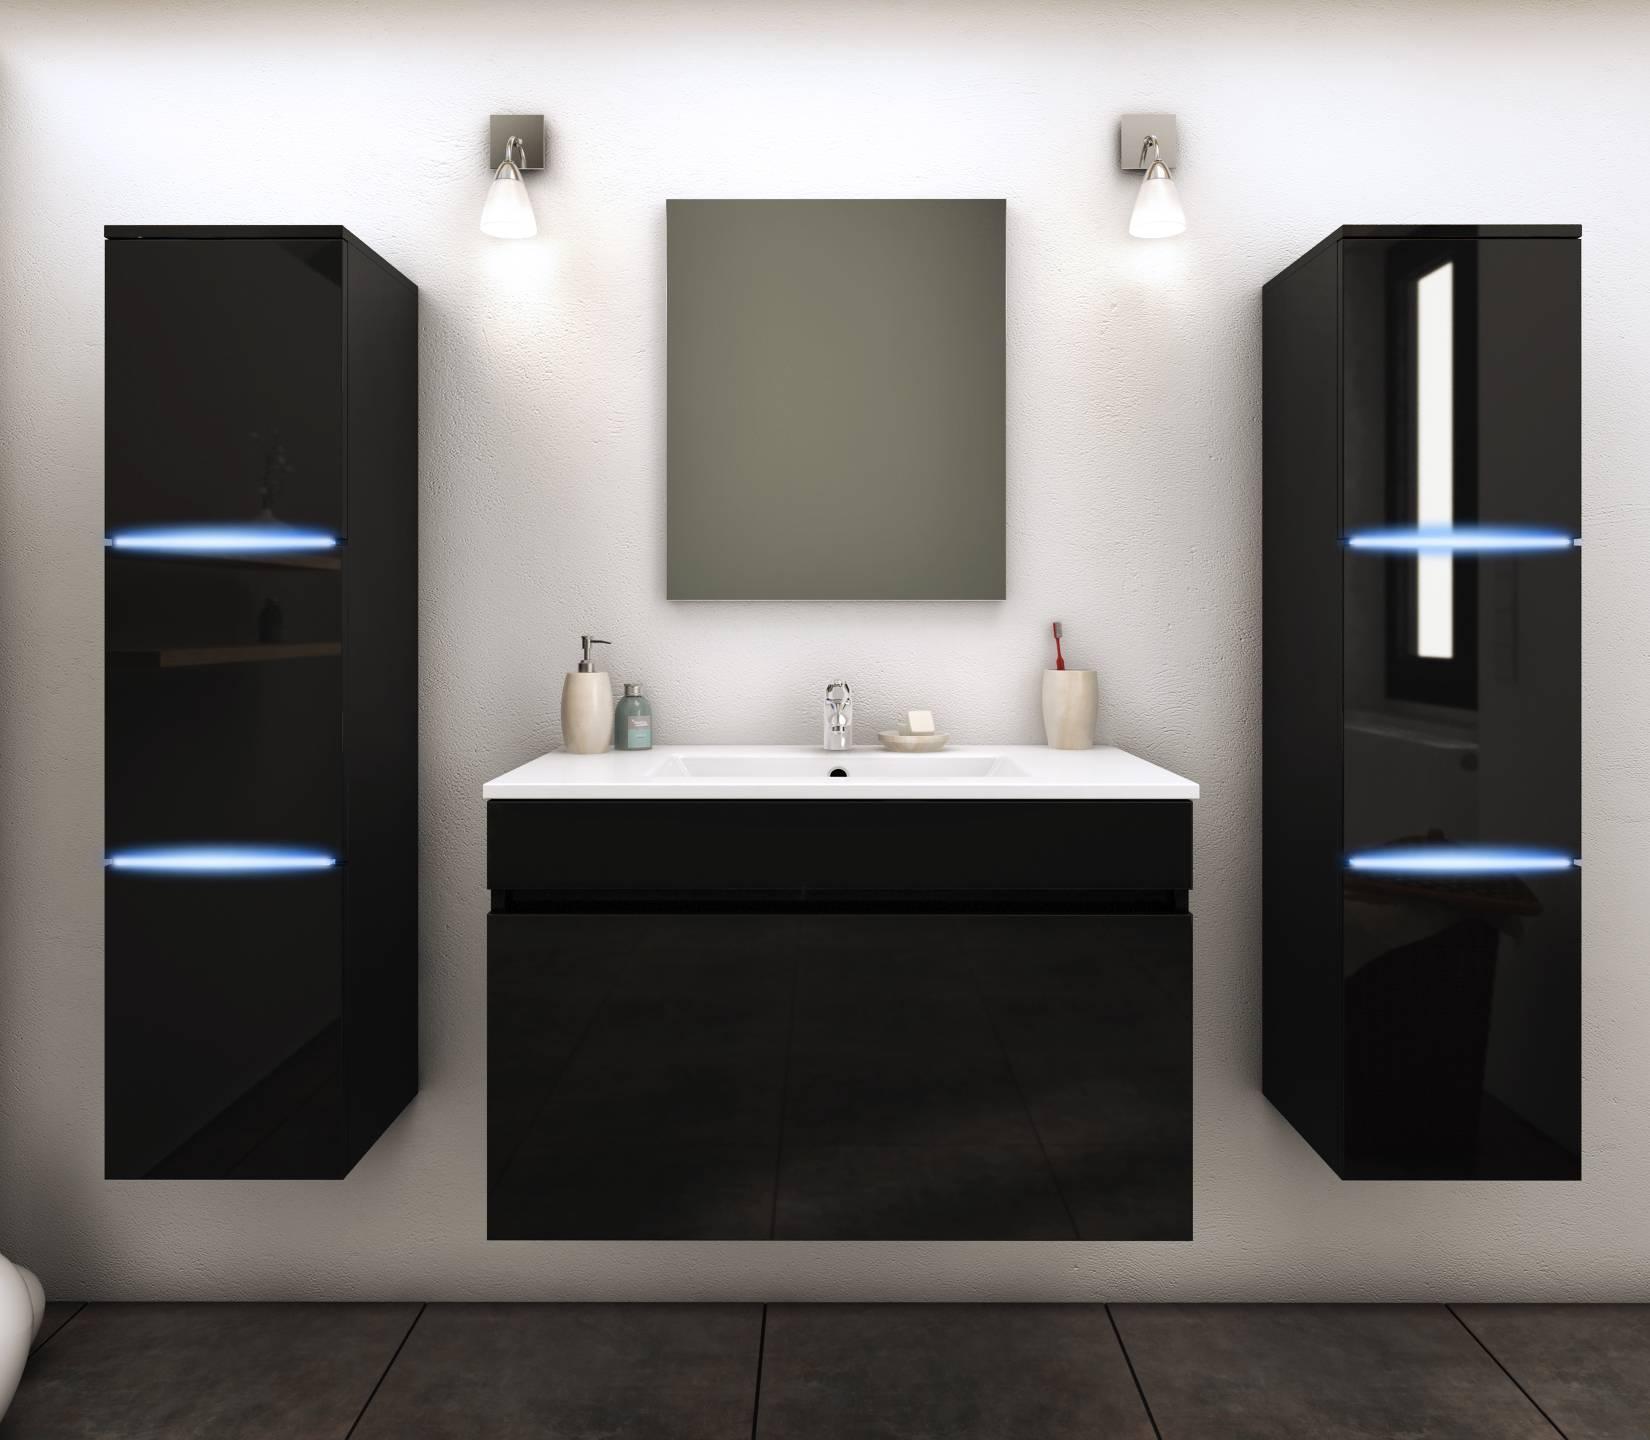 meuble salle de bain complet 2 vasques + 2 miroirs paris